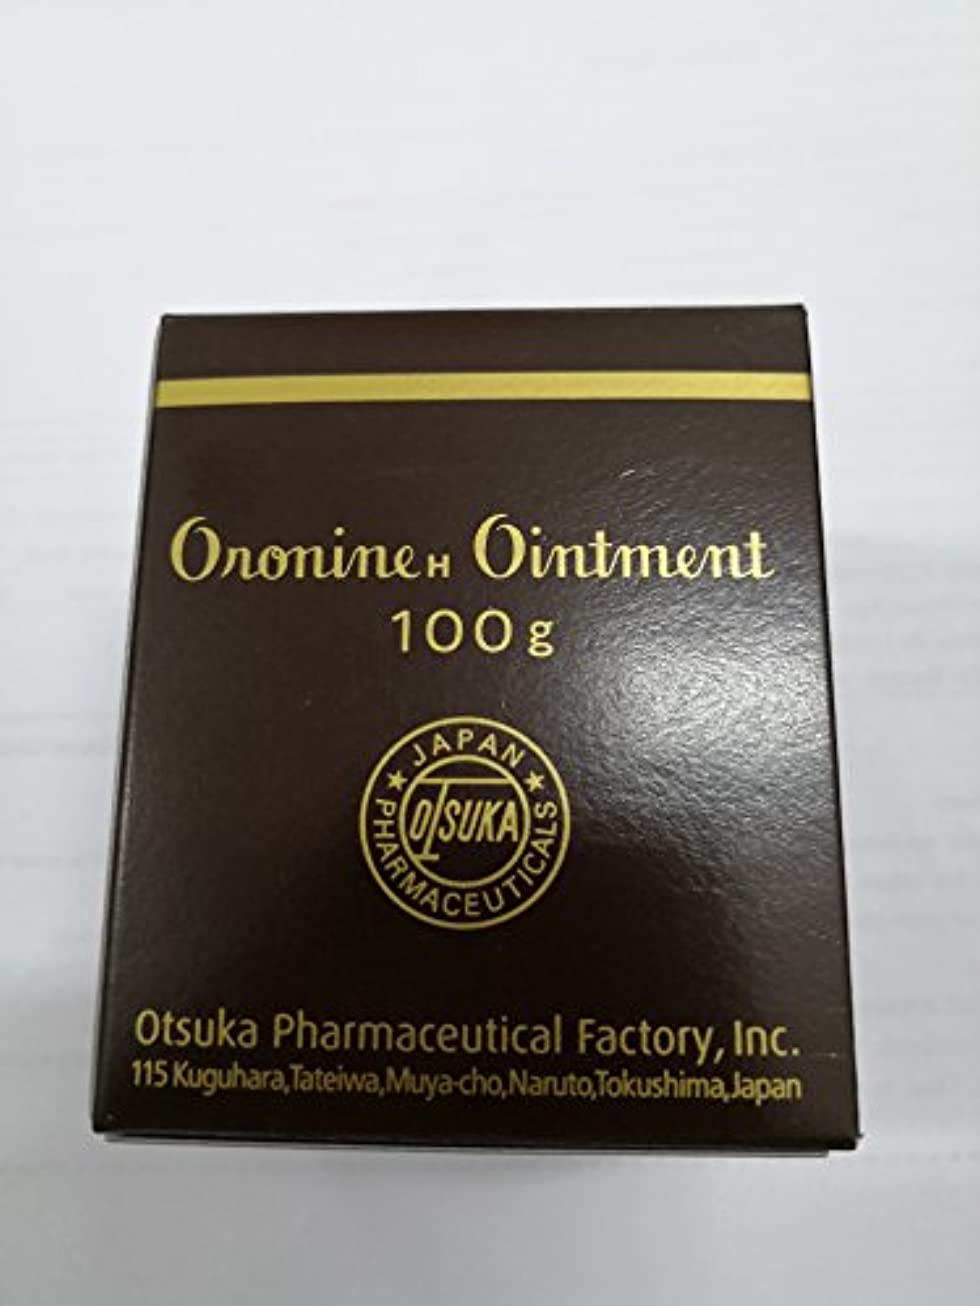 トーンストレンジャー中央Otsuka Oronine オロニンh軟膏(スキンクレンザー&モイスチャライザー) - 大3.5オンス